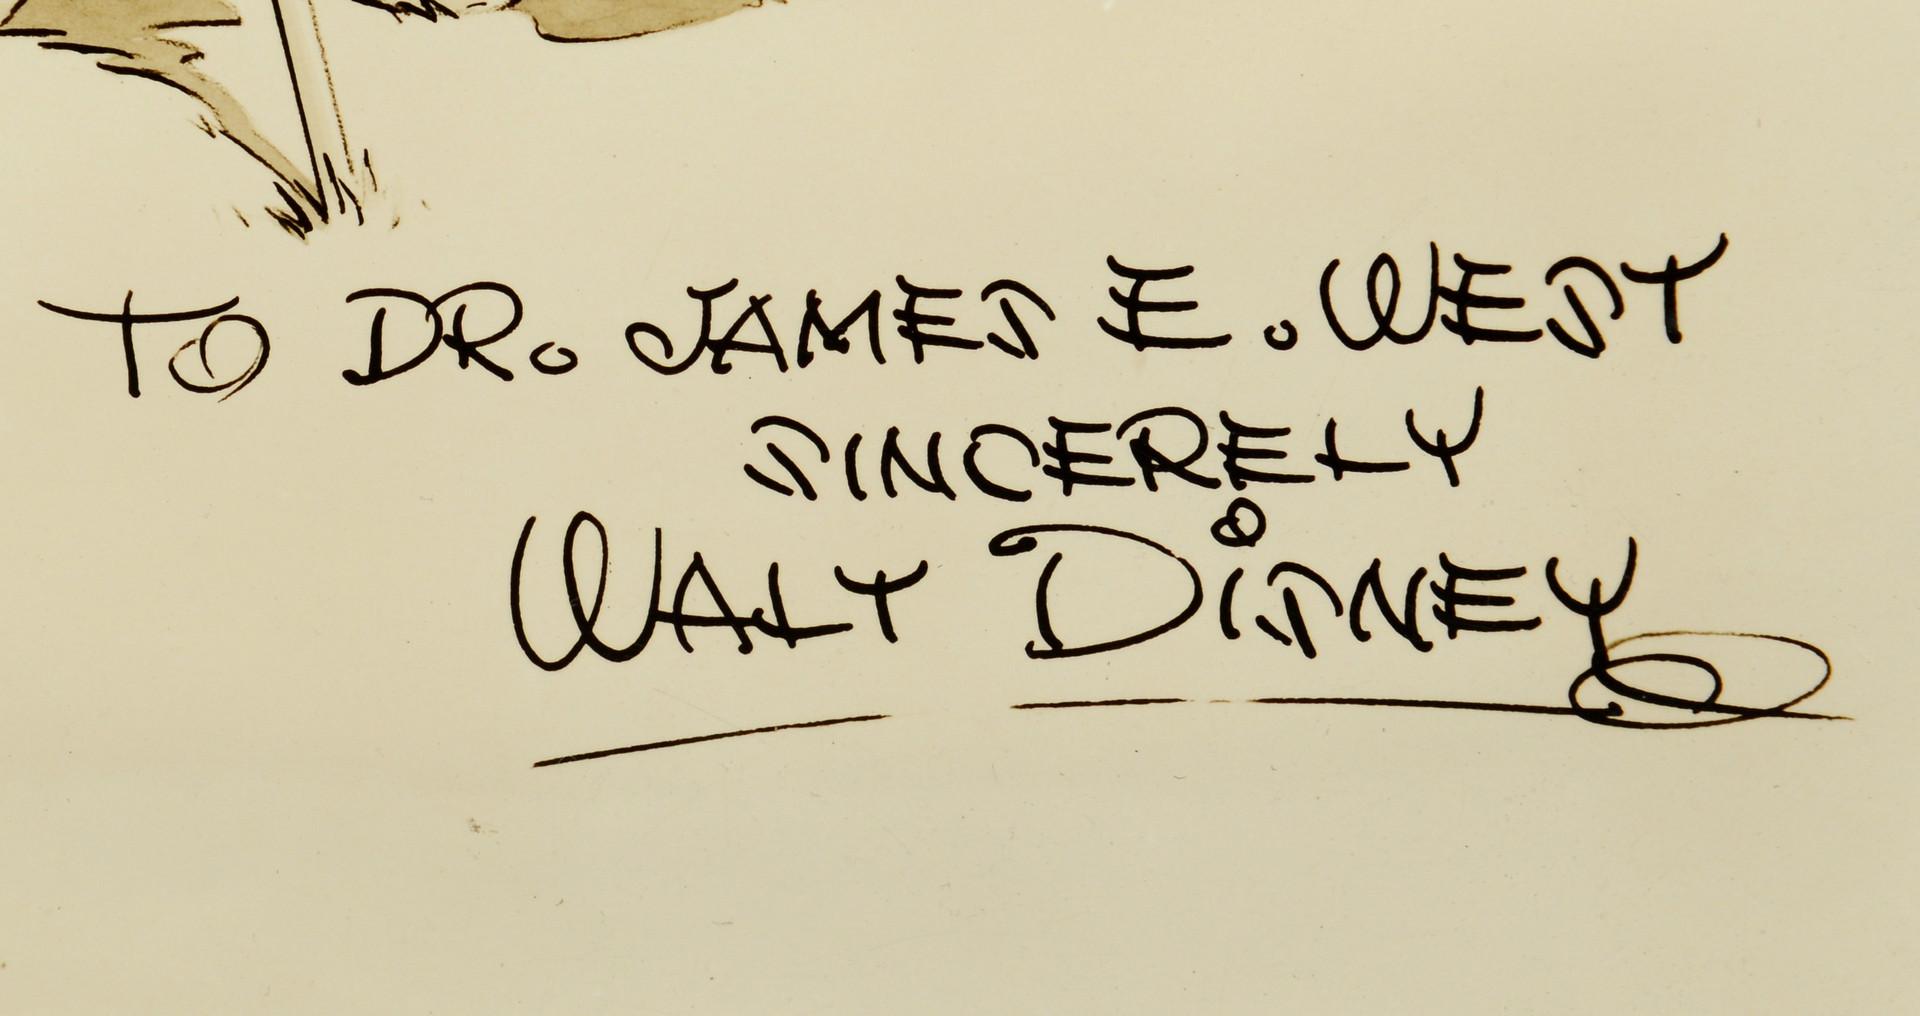 Lot 745: Disney Boy Scout Photograph to James West